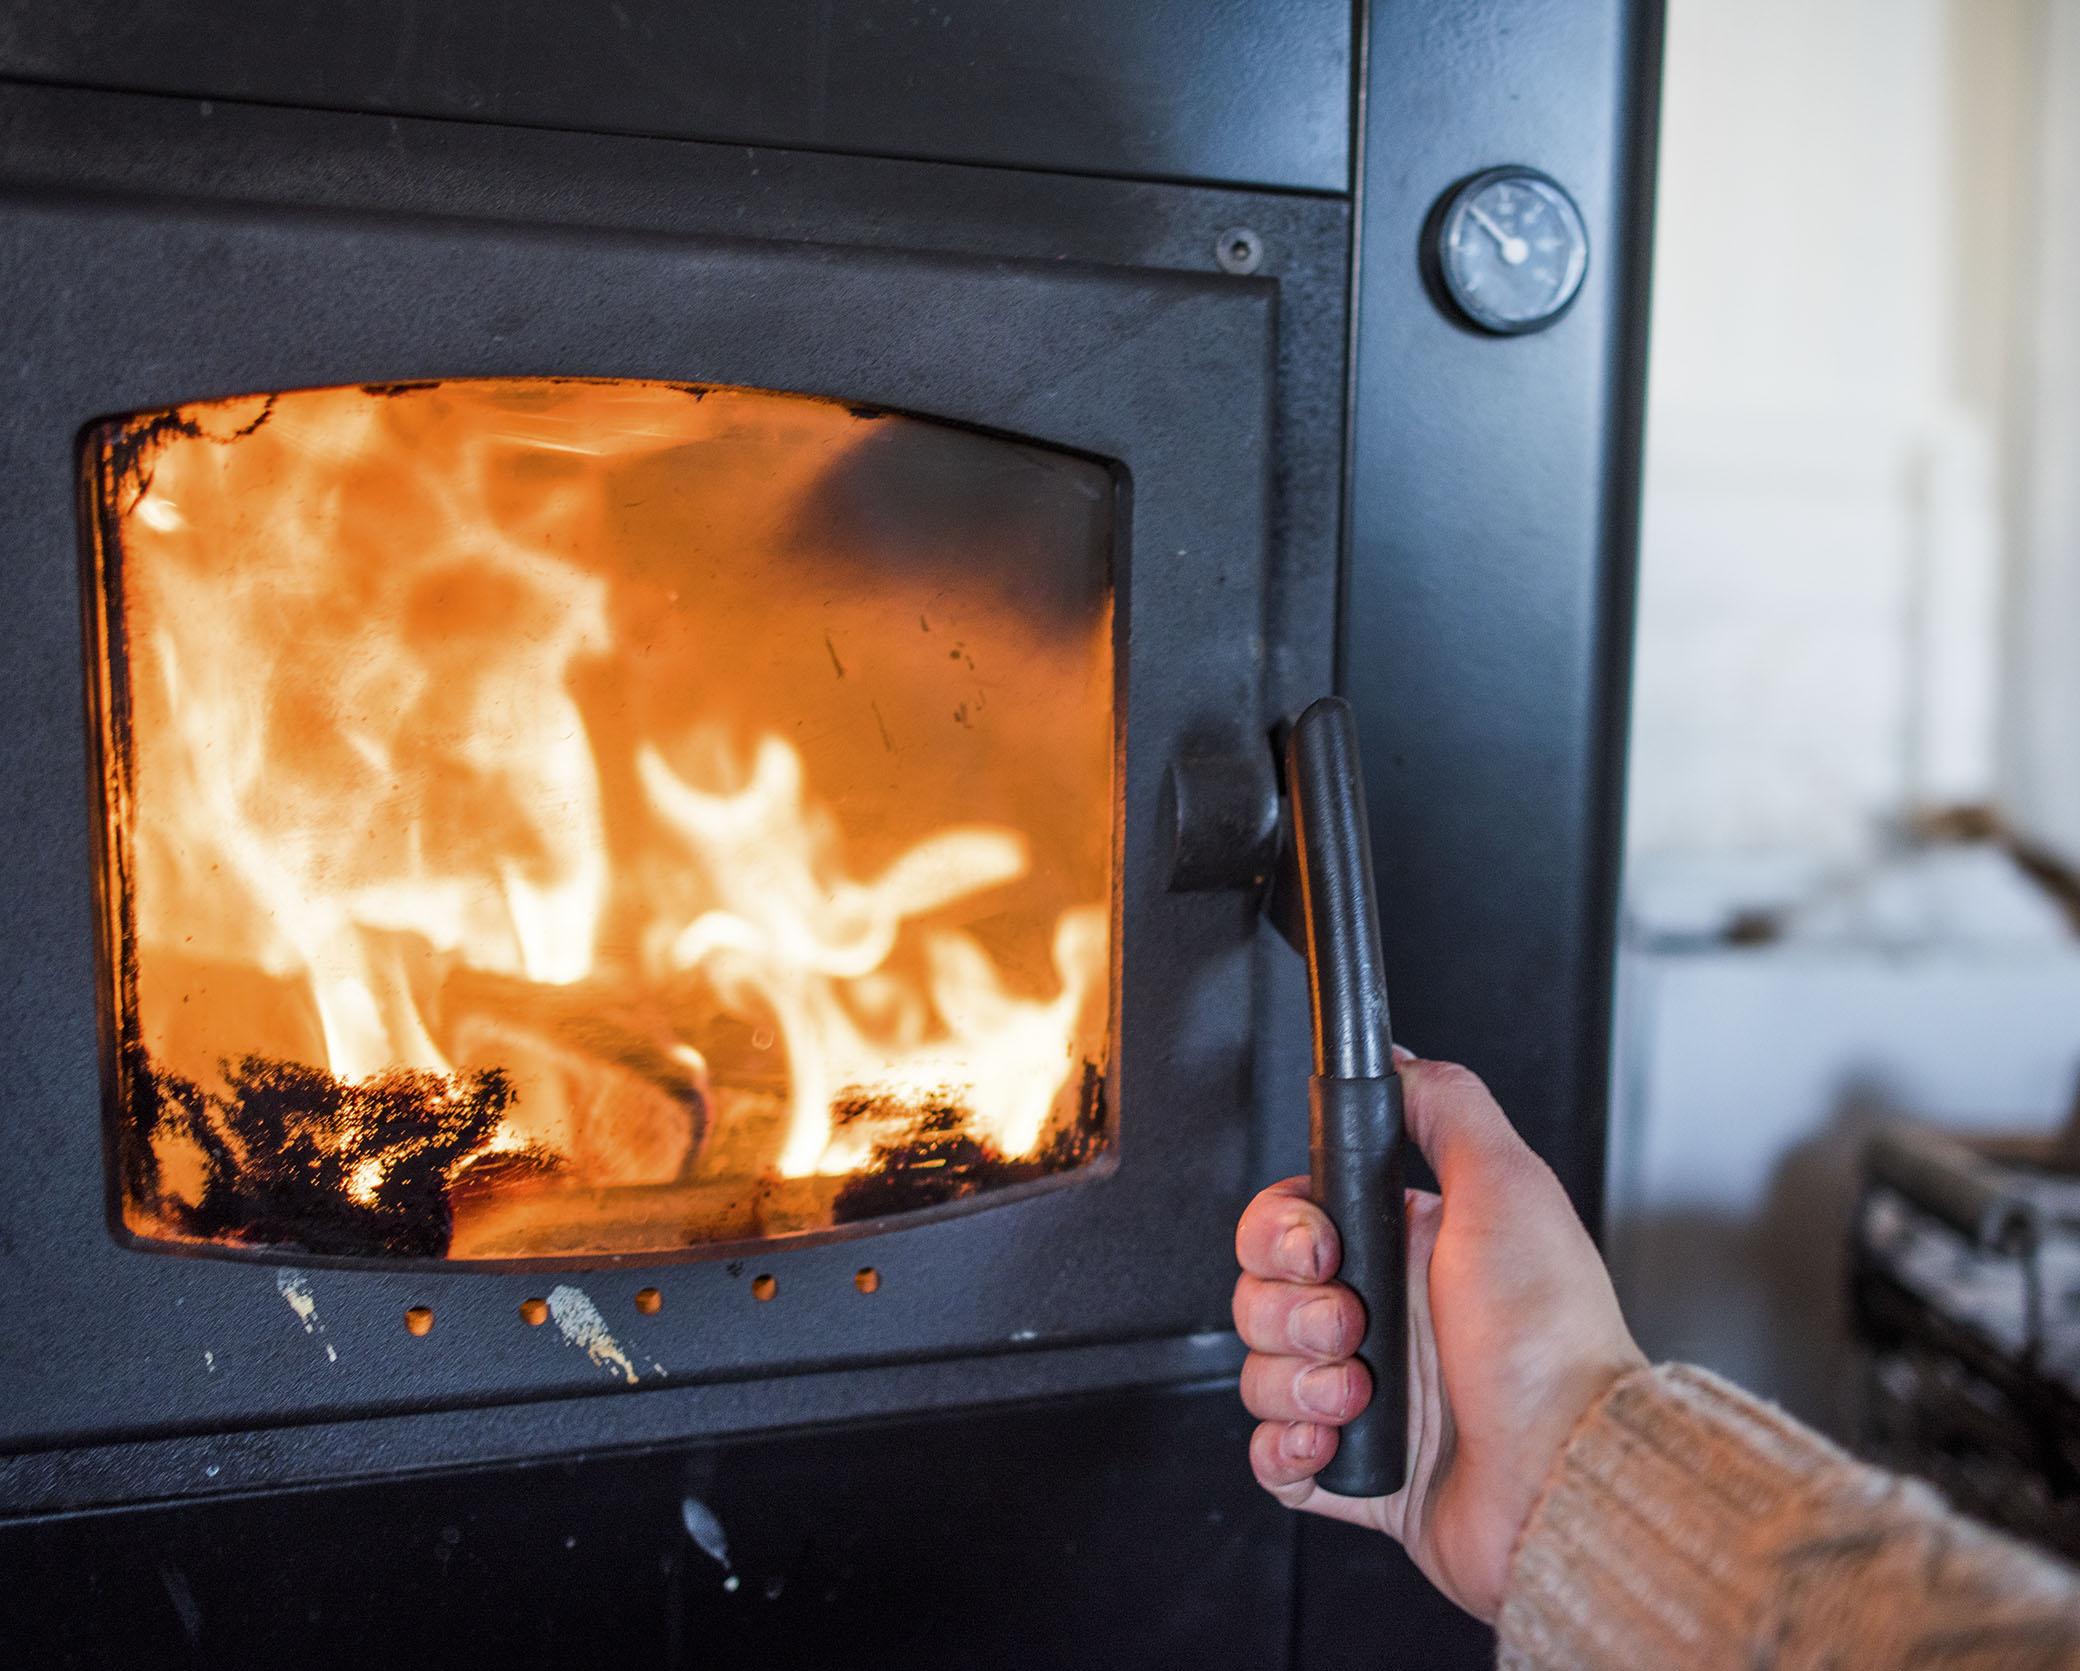 Efter branden i helgen har jag haft blandade känslor vad gäller eld. Igår vågade jag tända värmeljus igen för första gången. Och att se lågorna inne i pannan påminner mig om lågorna i gardinerna. Samtidigt så skulle jag vara helt körd utan värmen som lågorna ger. Eld kan verkligen bara det bästa och det värsta.